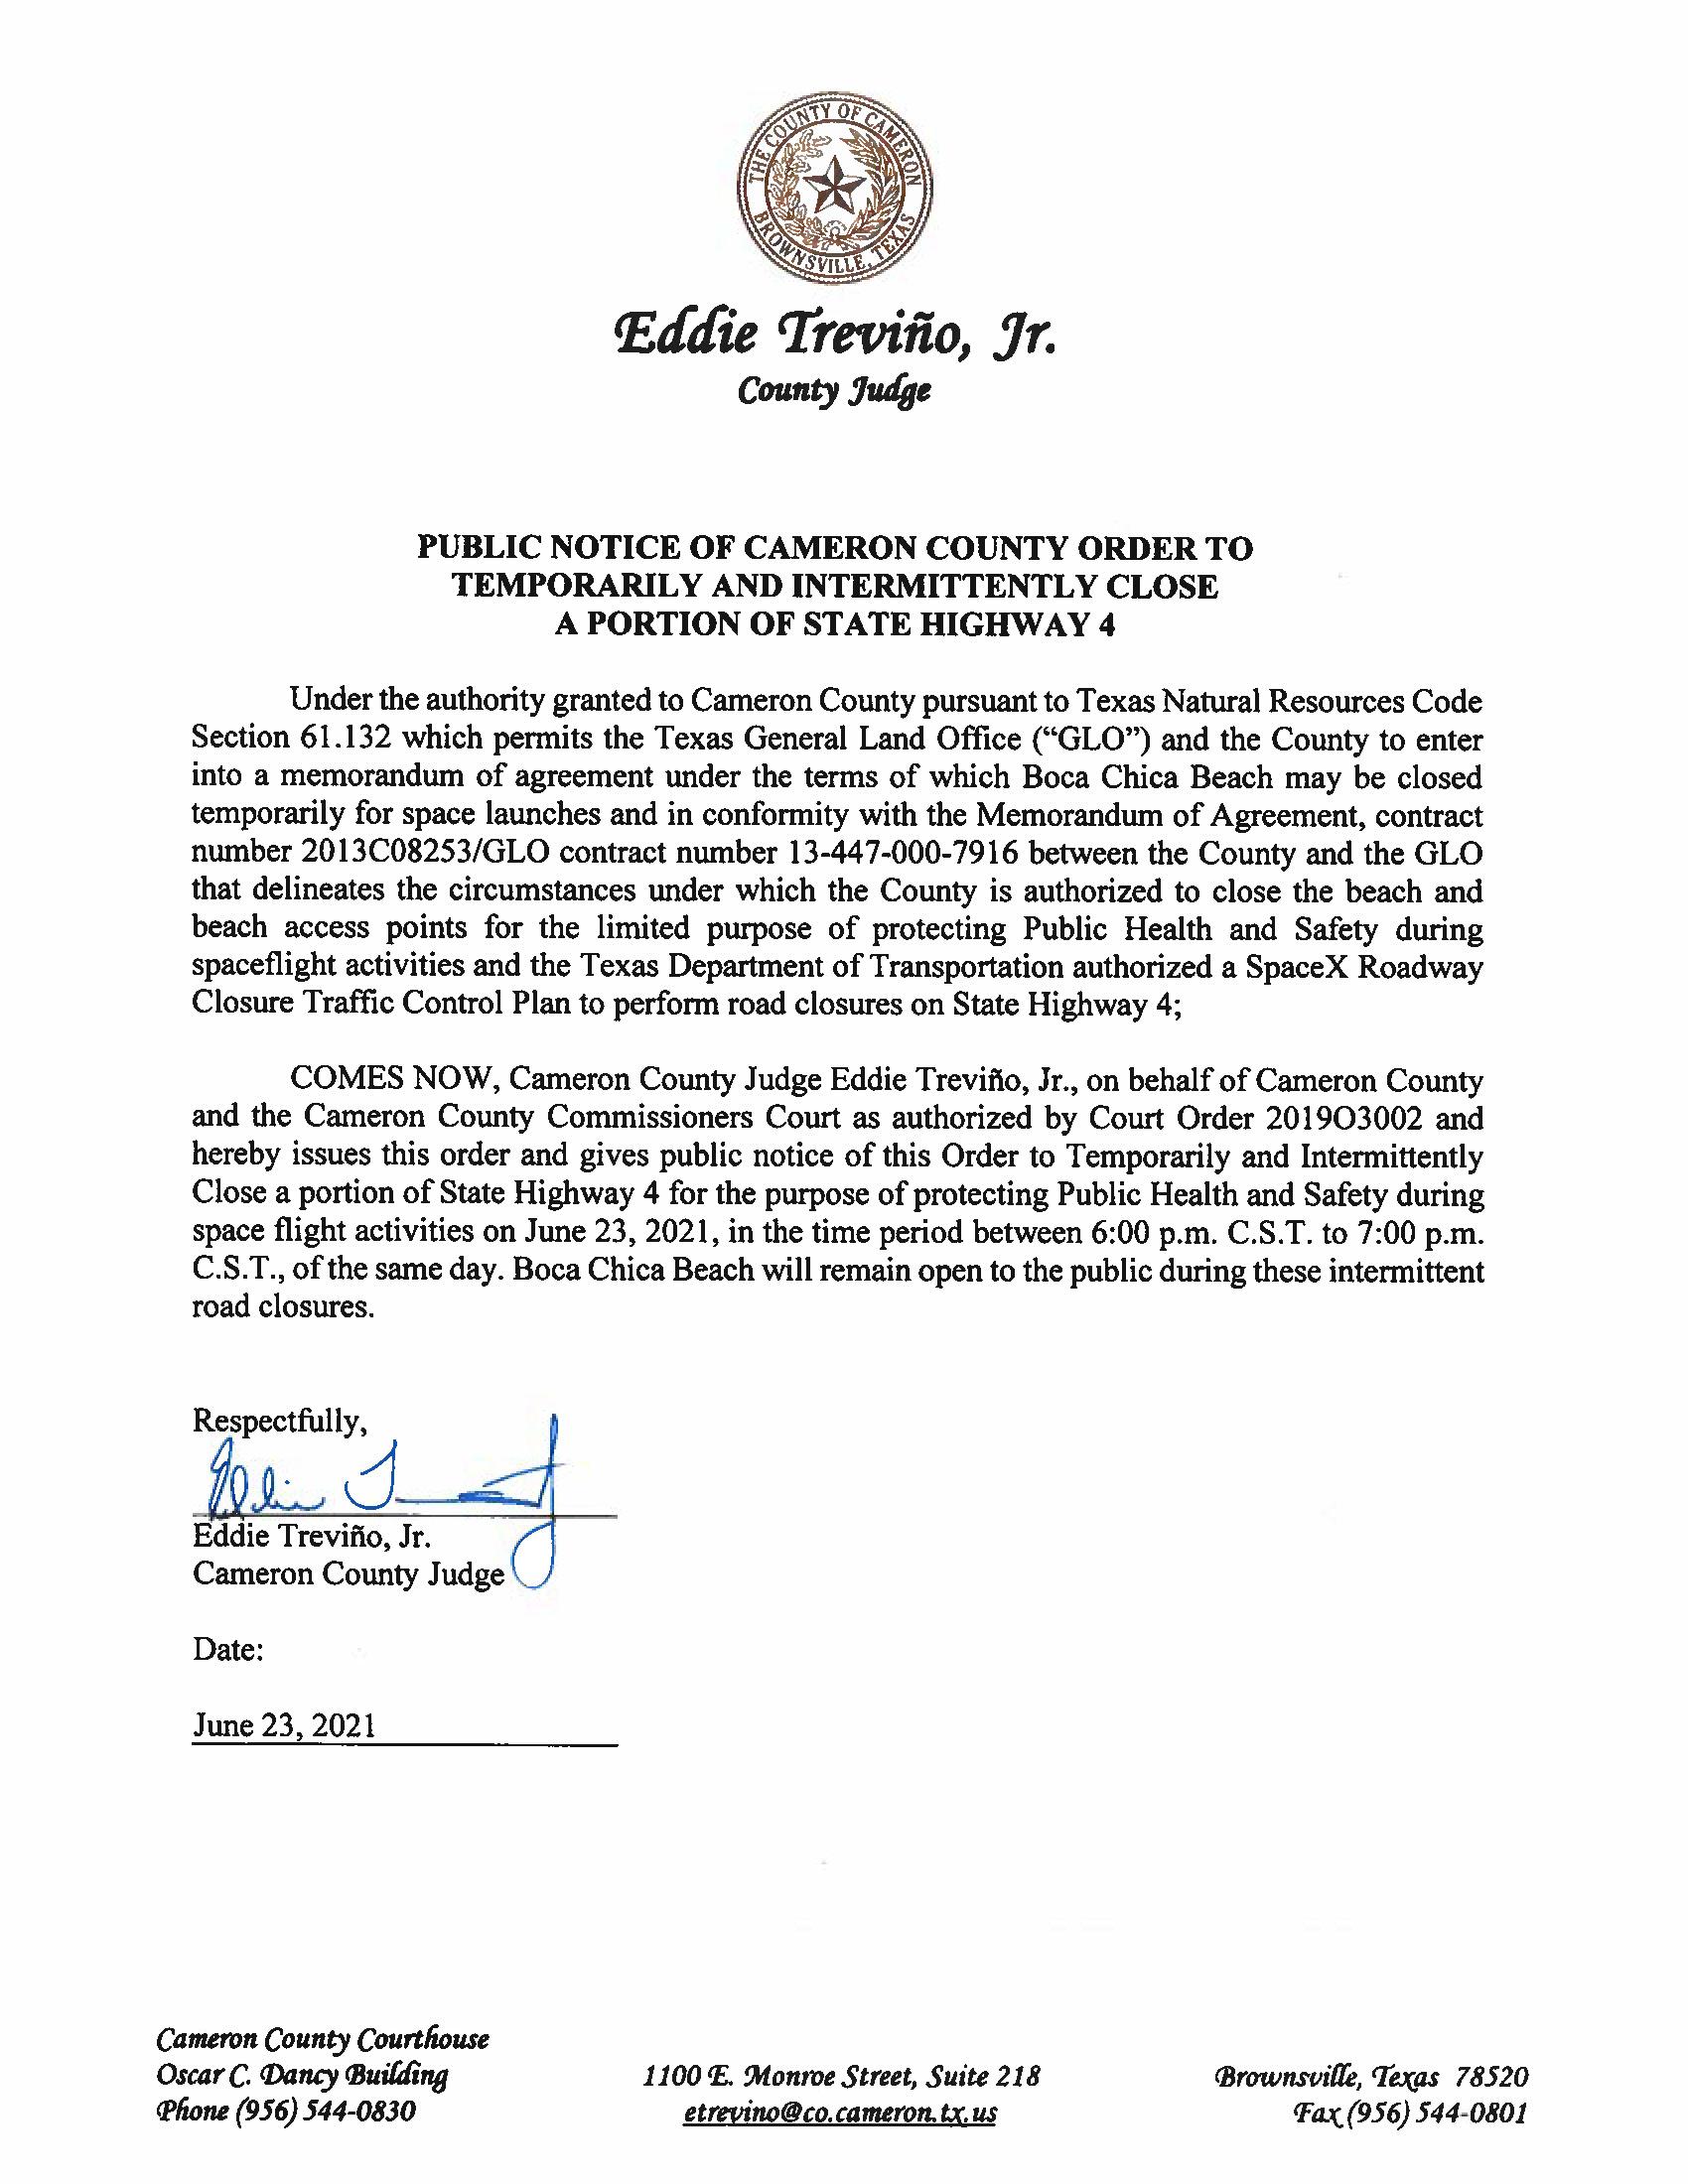 PUBLIC NOTICE OF CAMERON COUNTY ORDER TEMP. ROAD CLOSURE. 06.23.2021